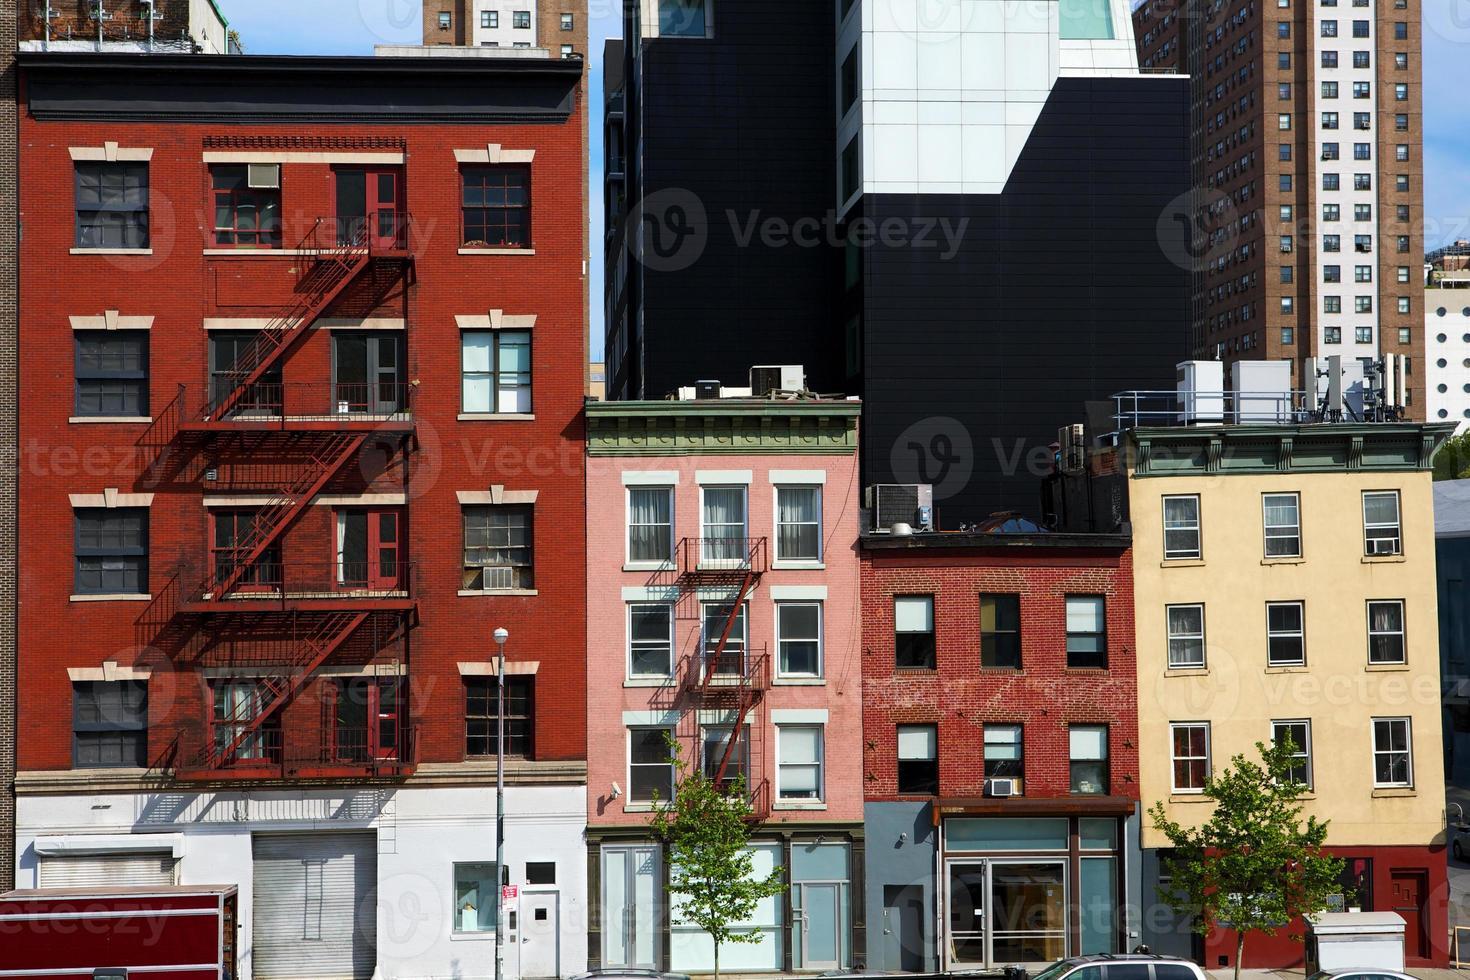 architettura di new york city foto